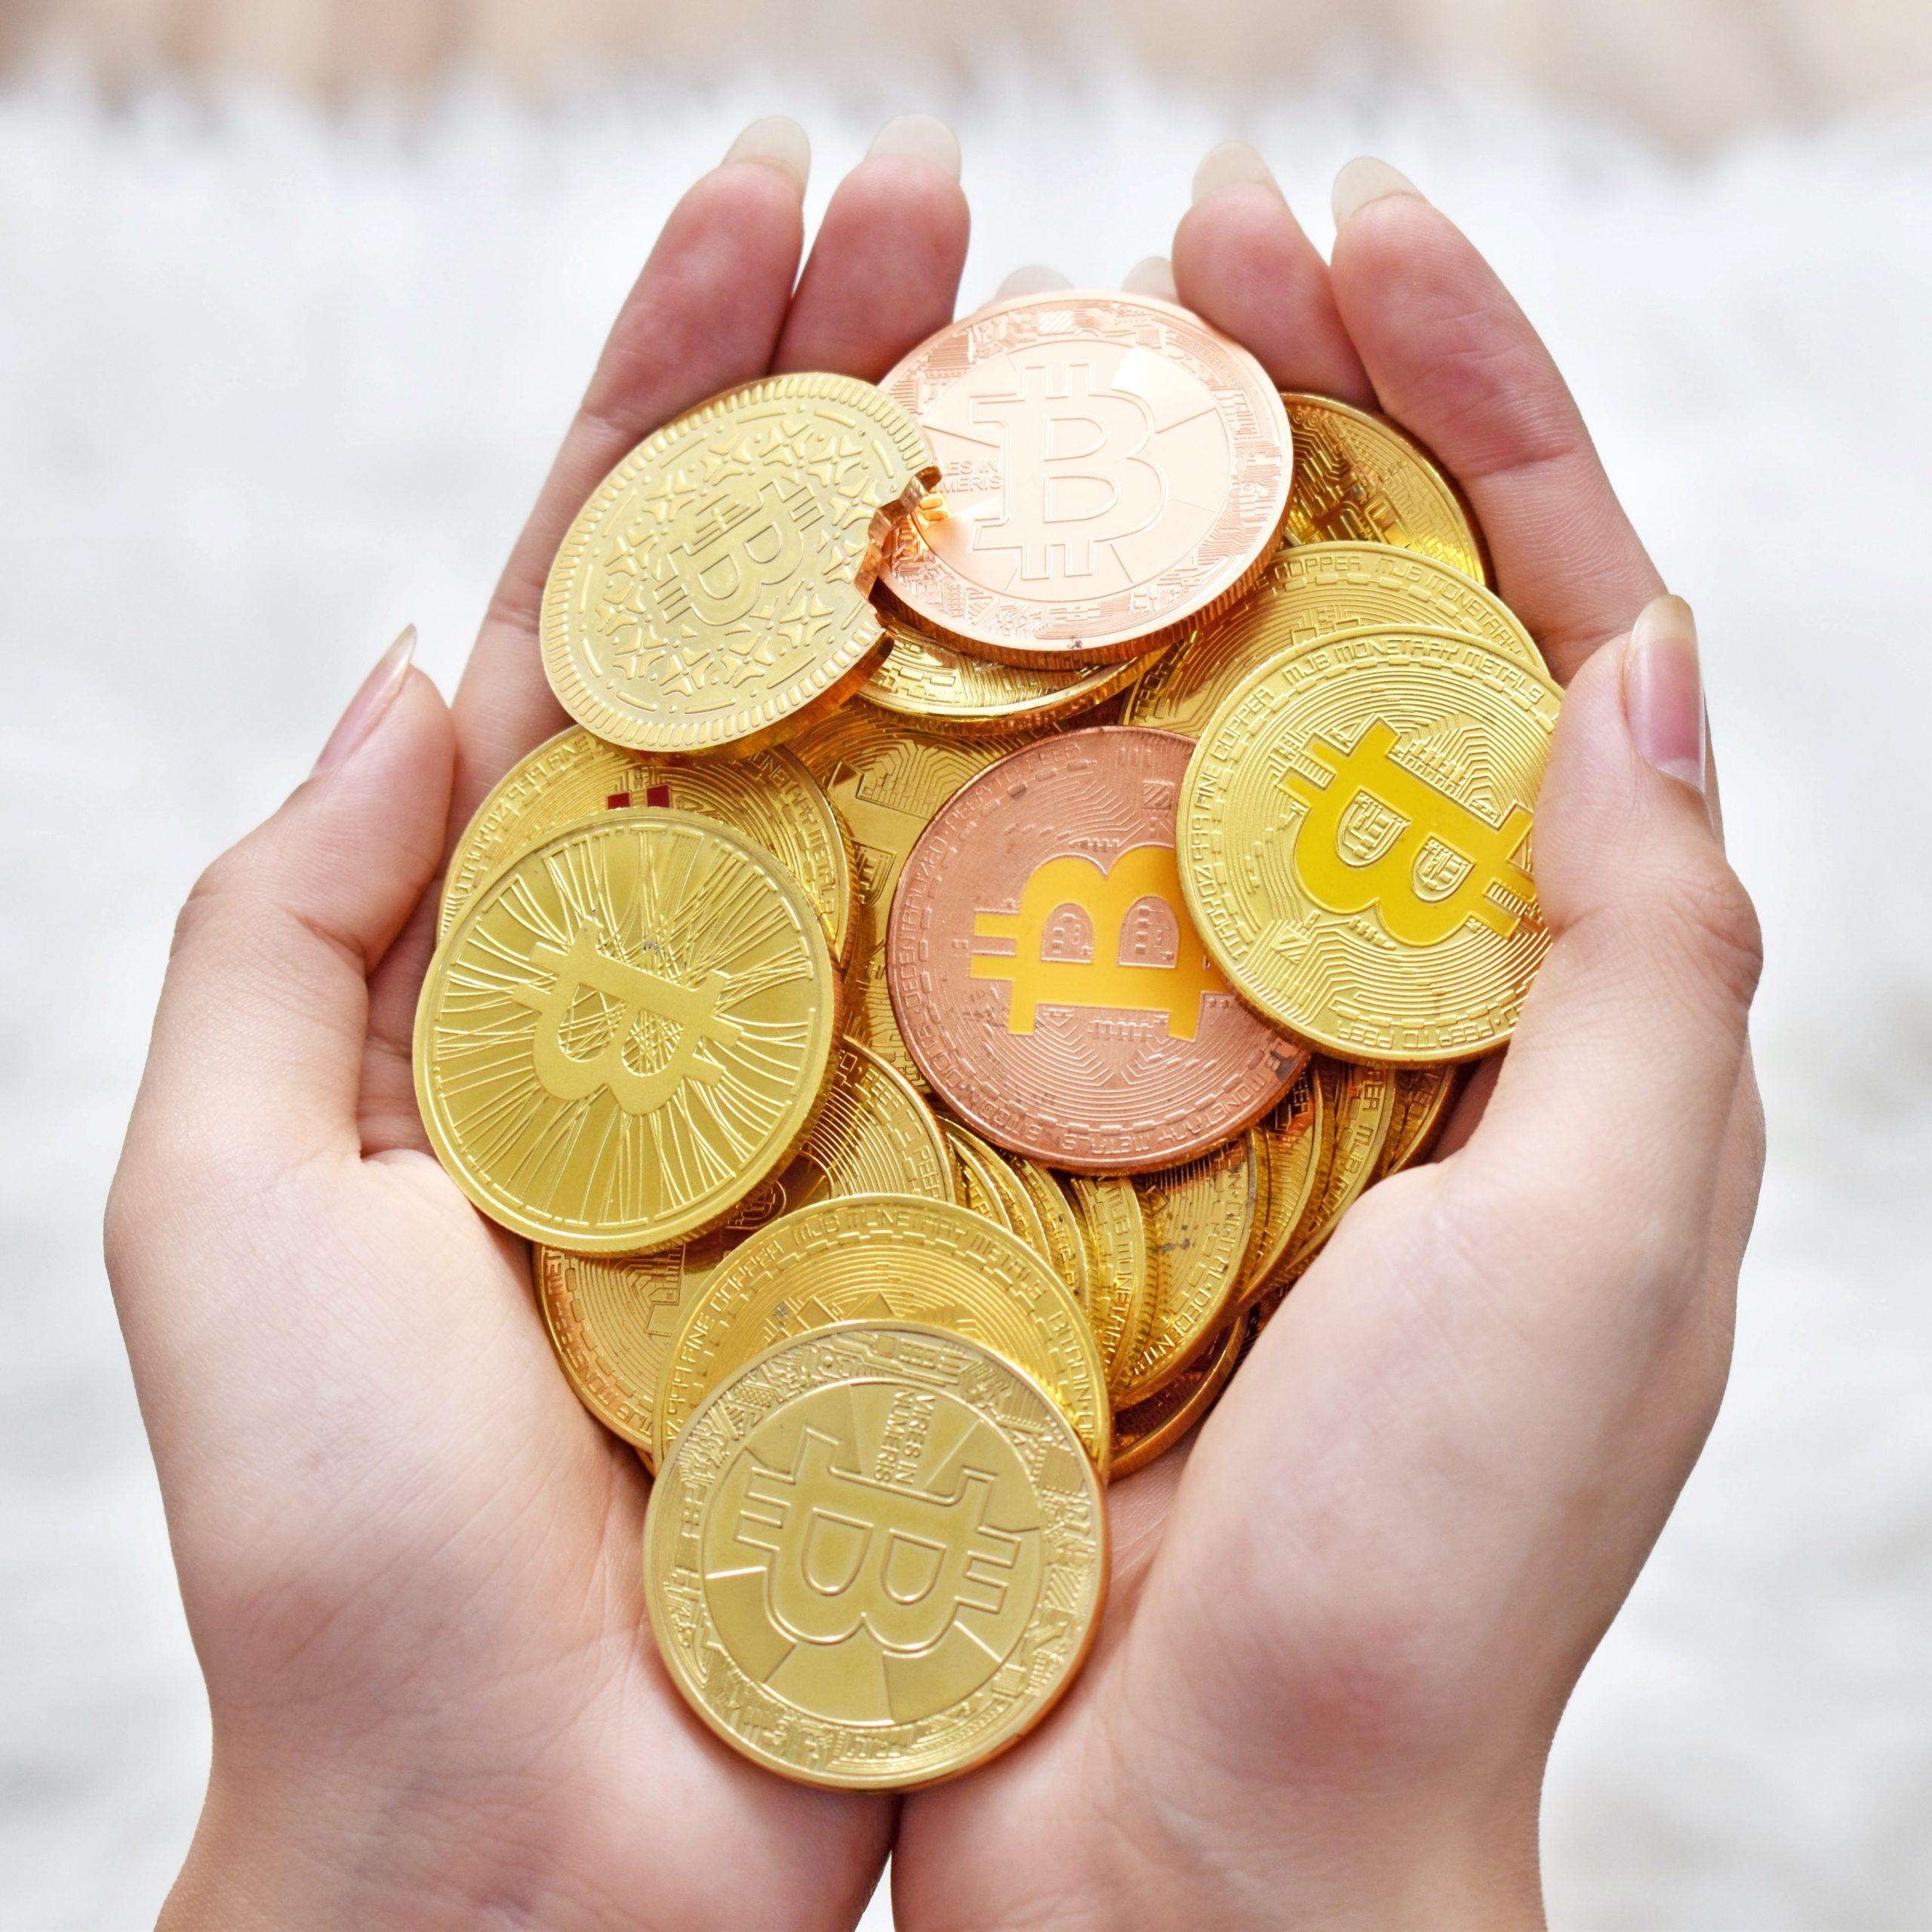 Gewinn mit Kryptowährung kann steuerpflichtig sein